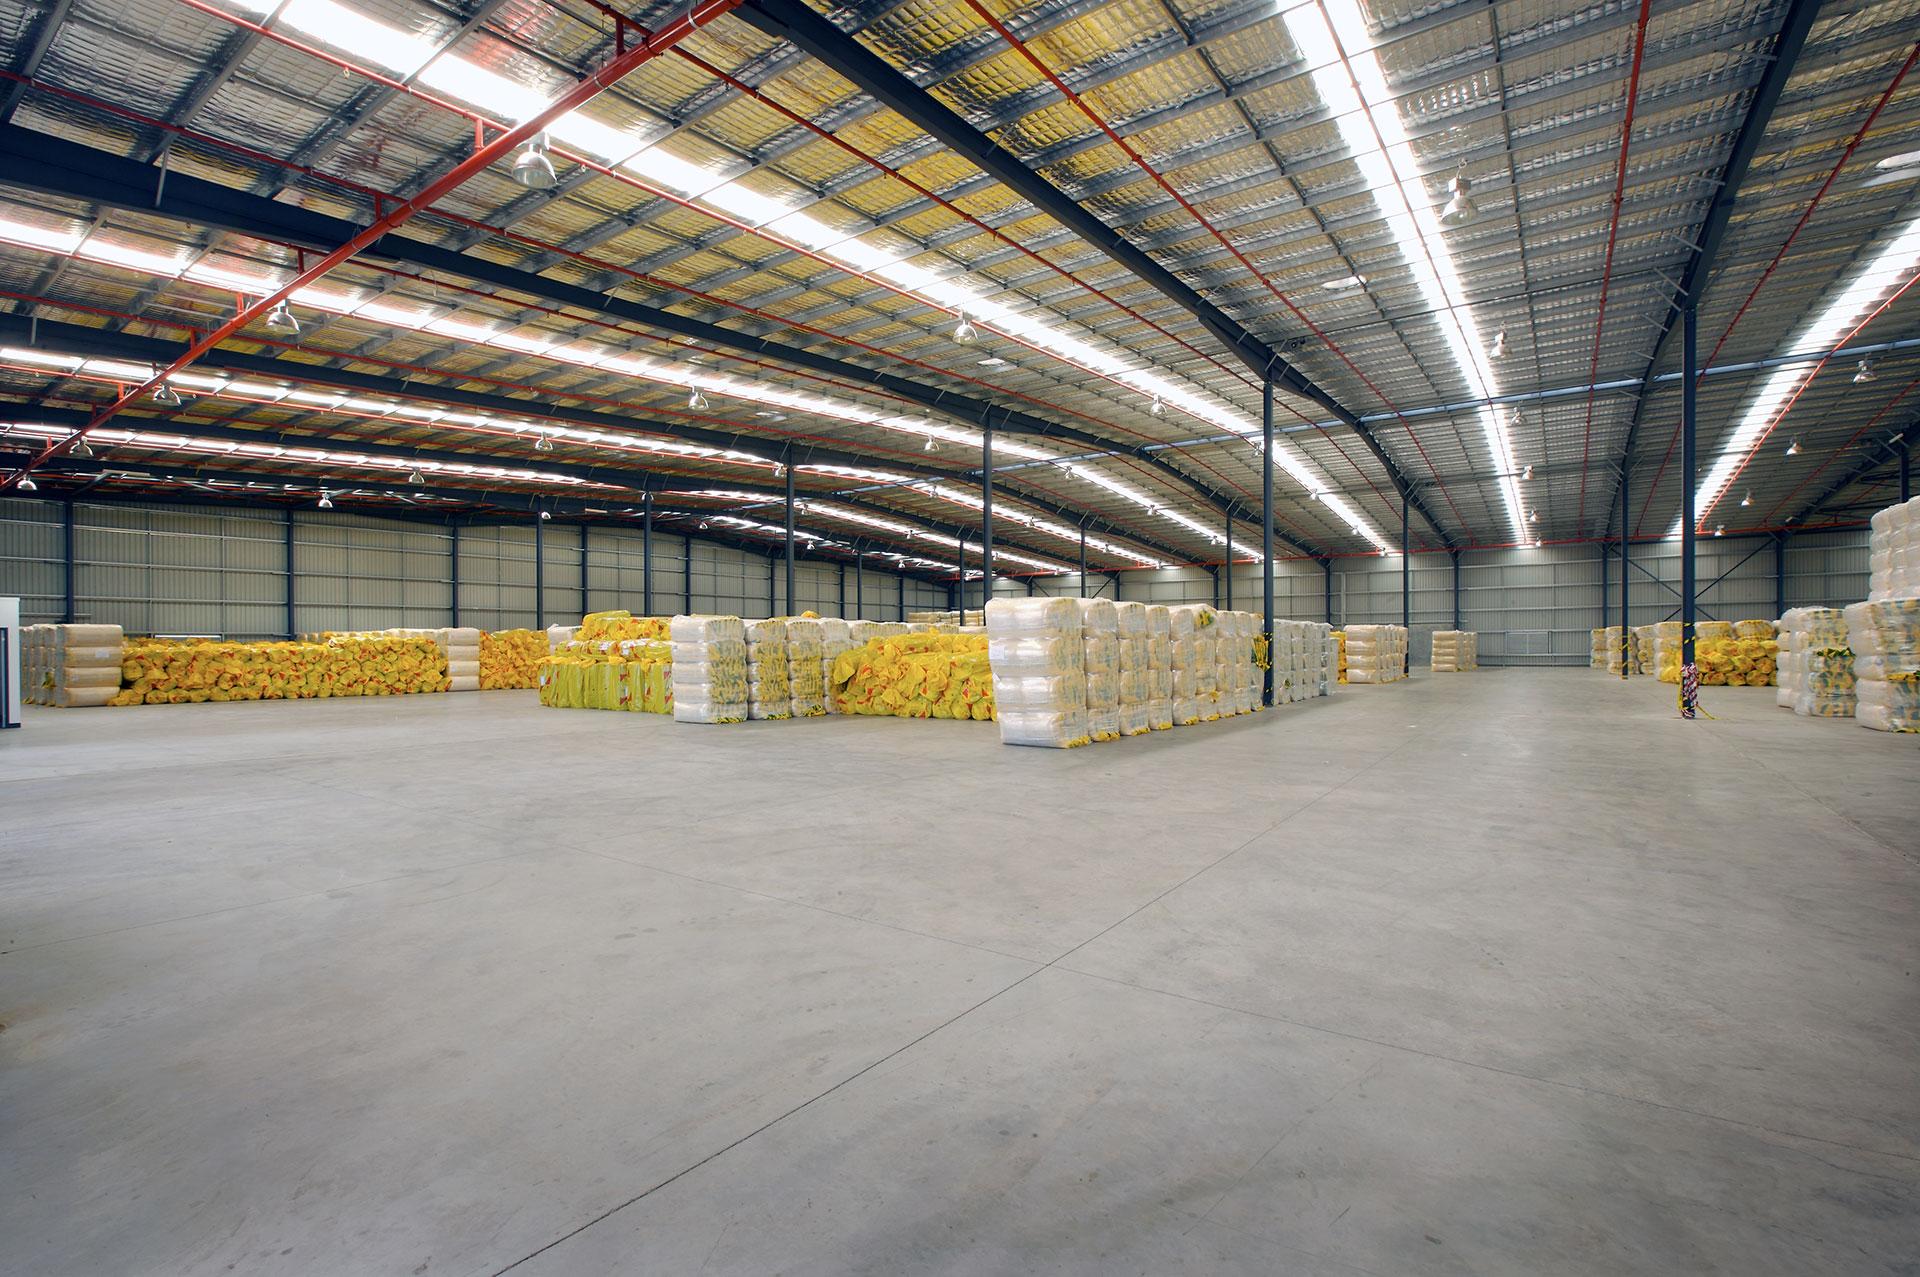 Brendale Bulky Goods Warehouse